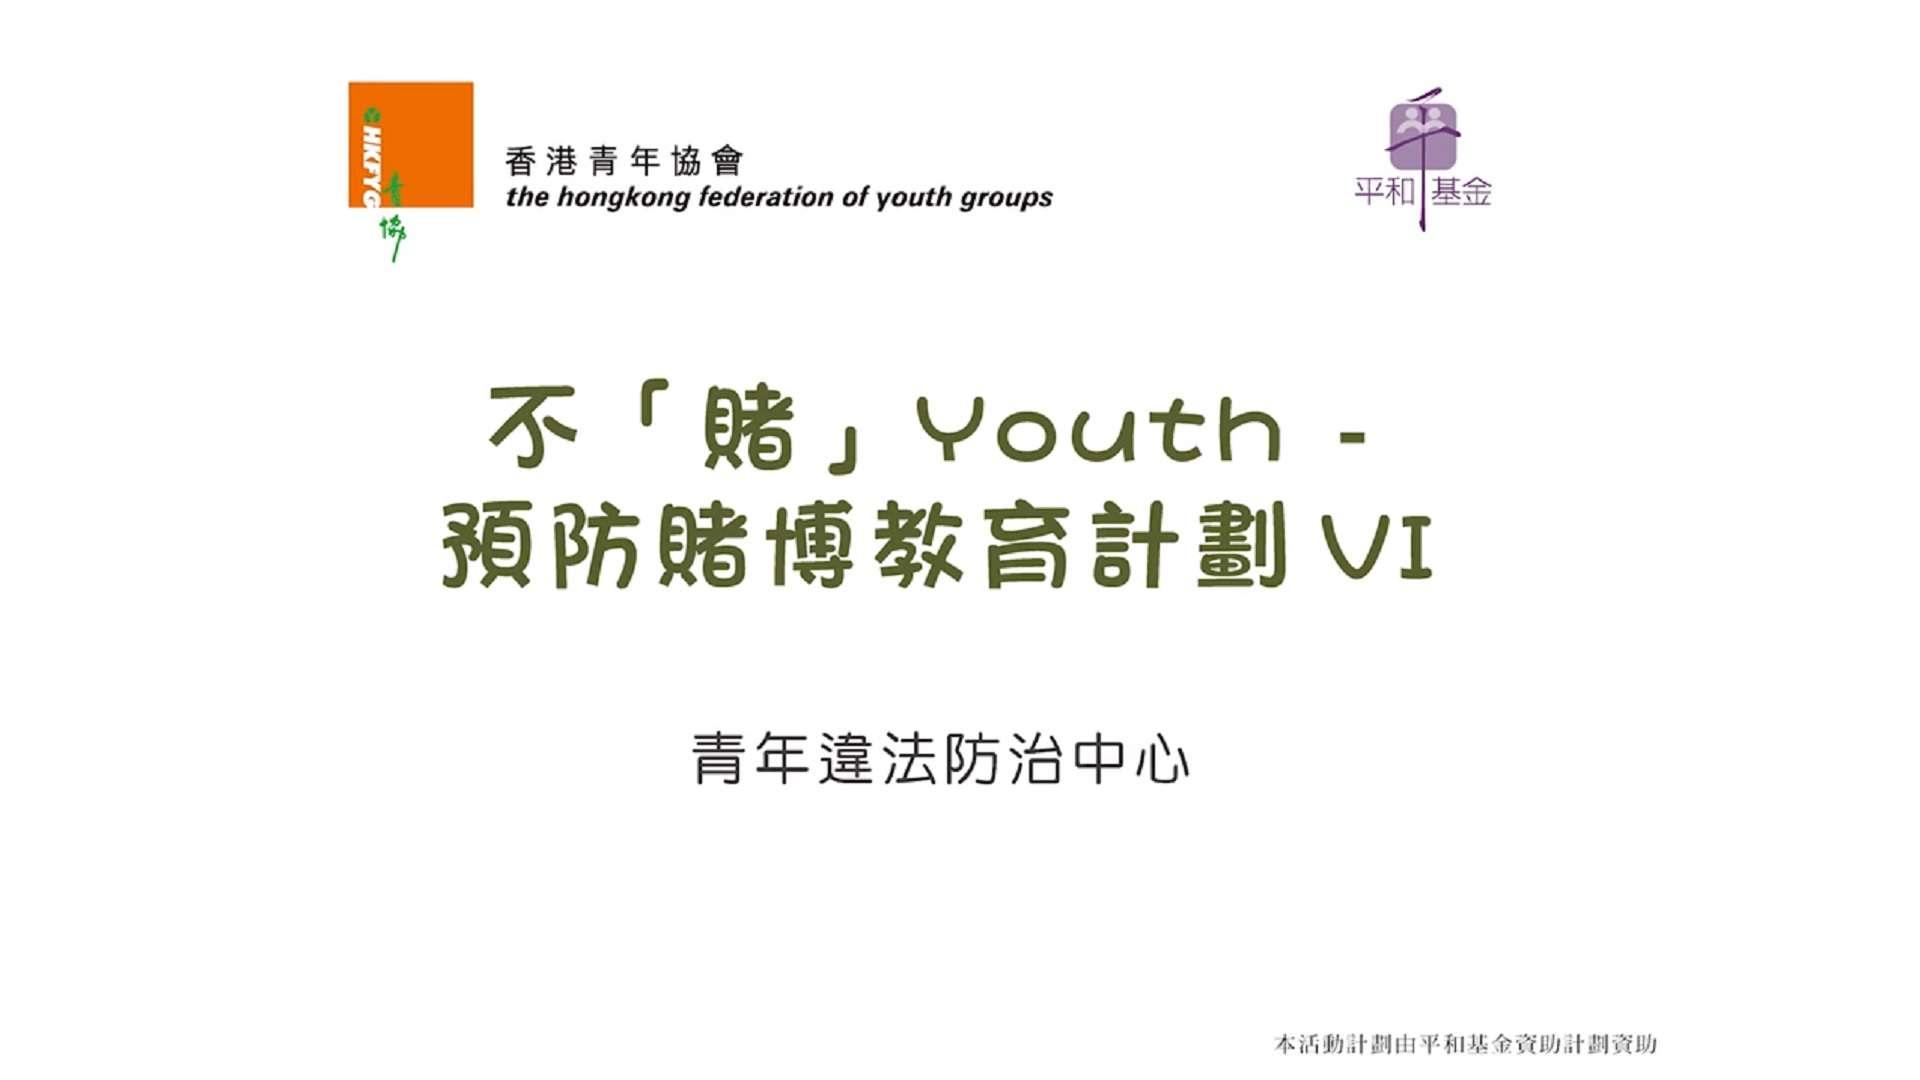 不賭youth VI